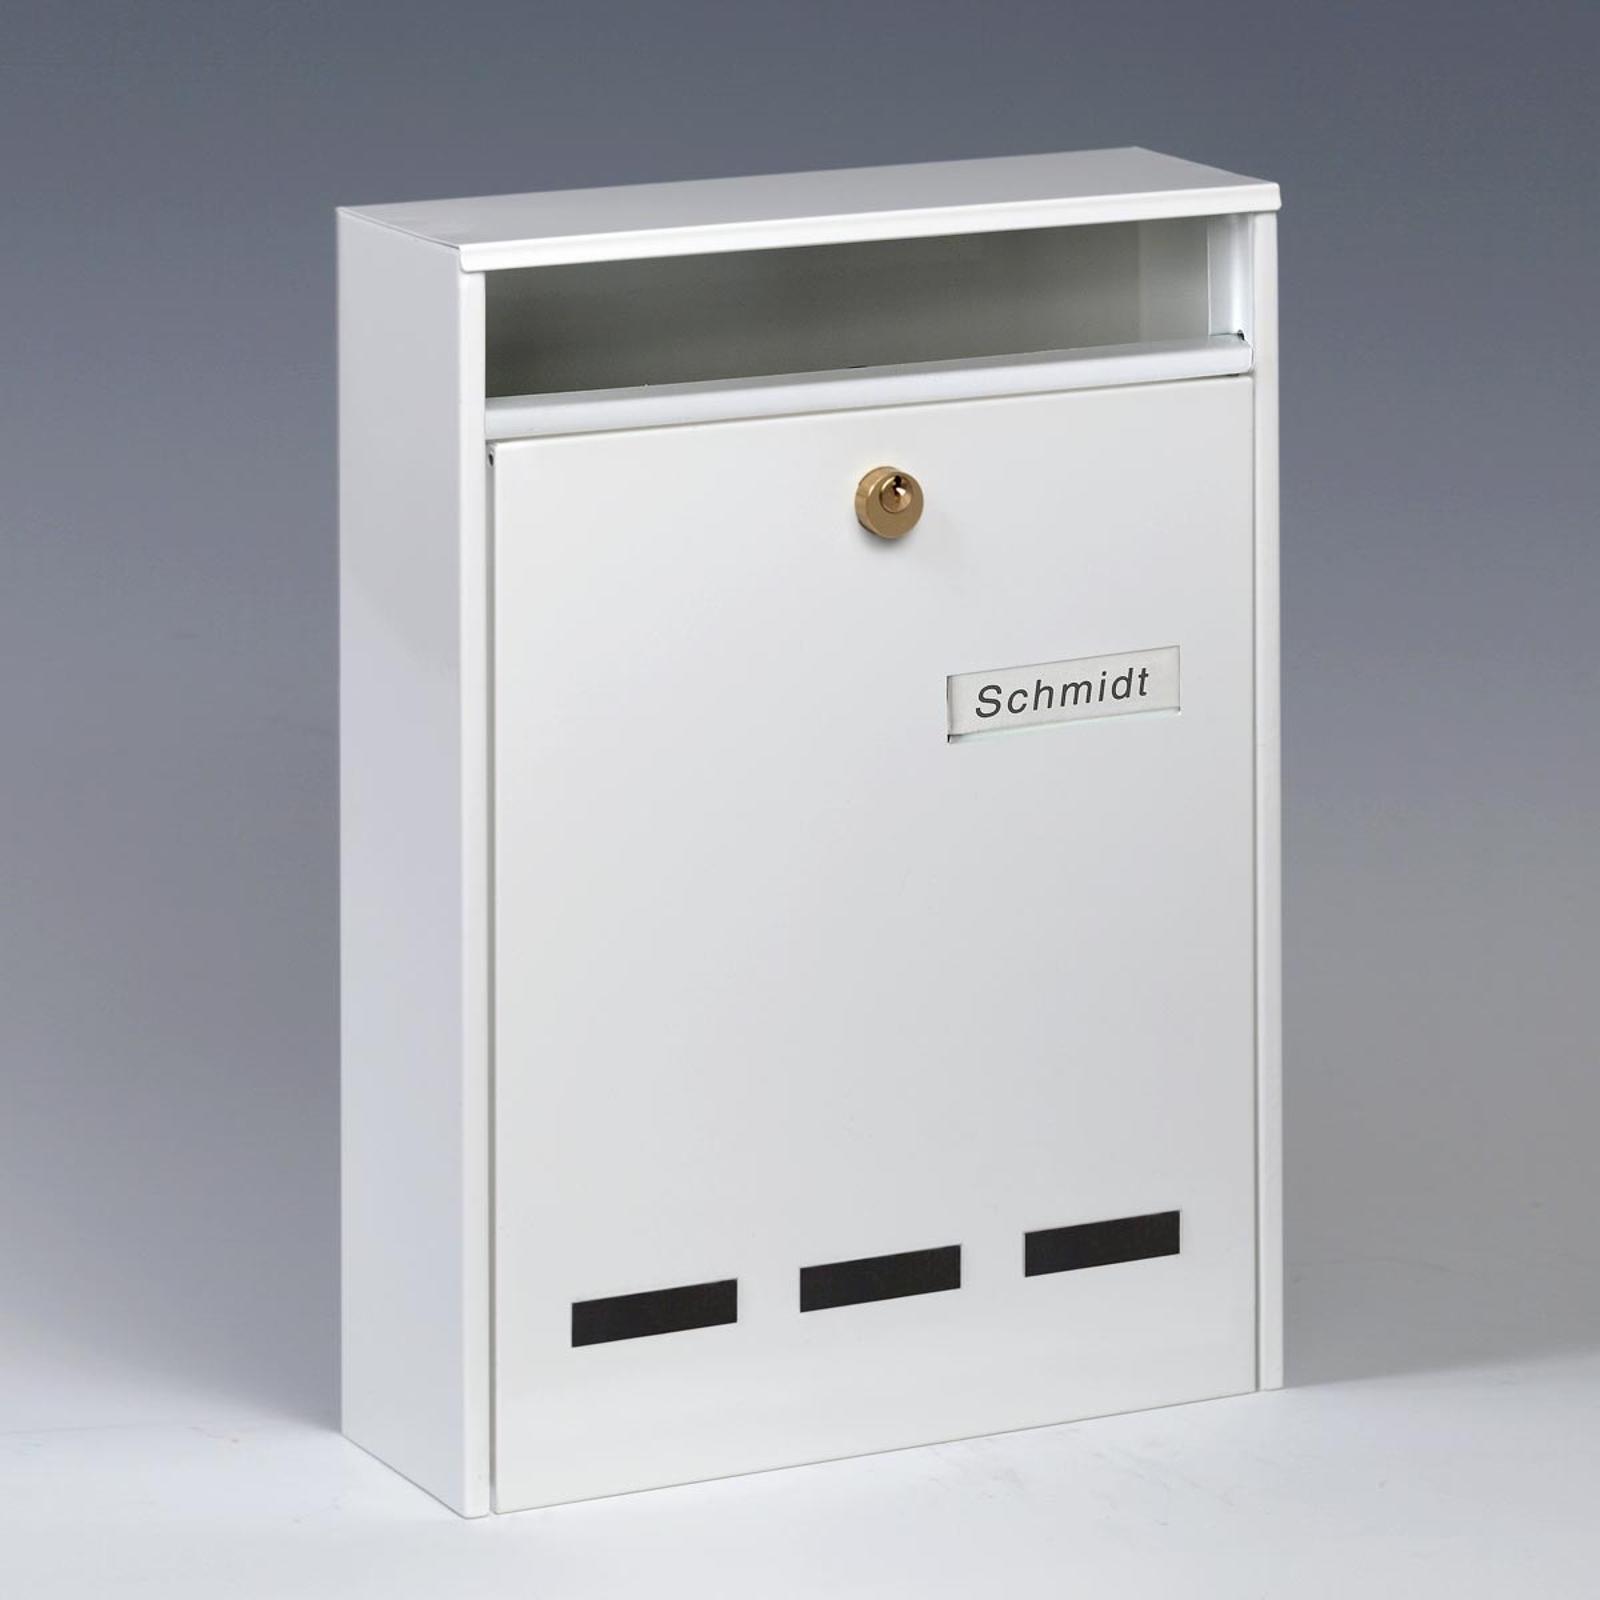 Hvitt WISMAR postkasseanlegg for DIN A4-format